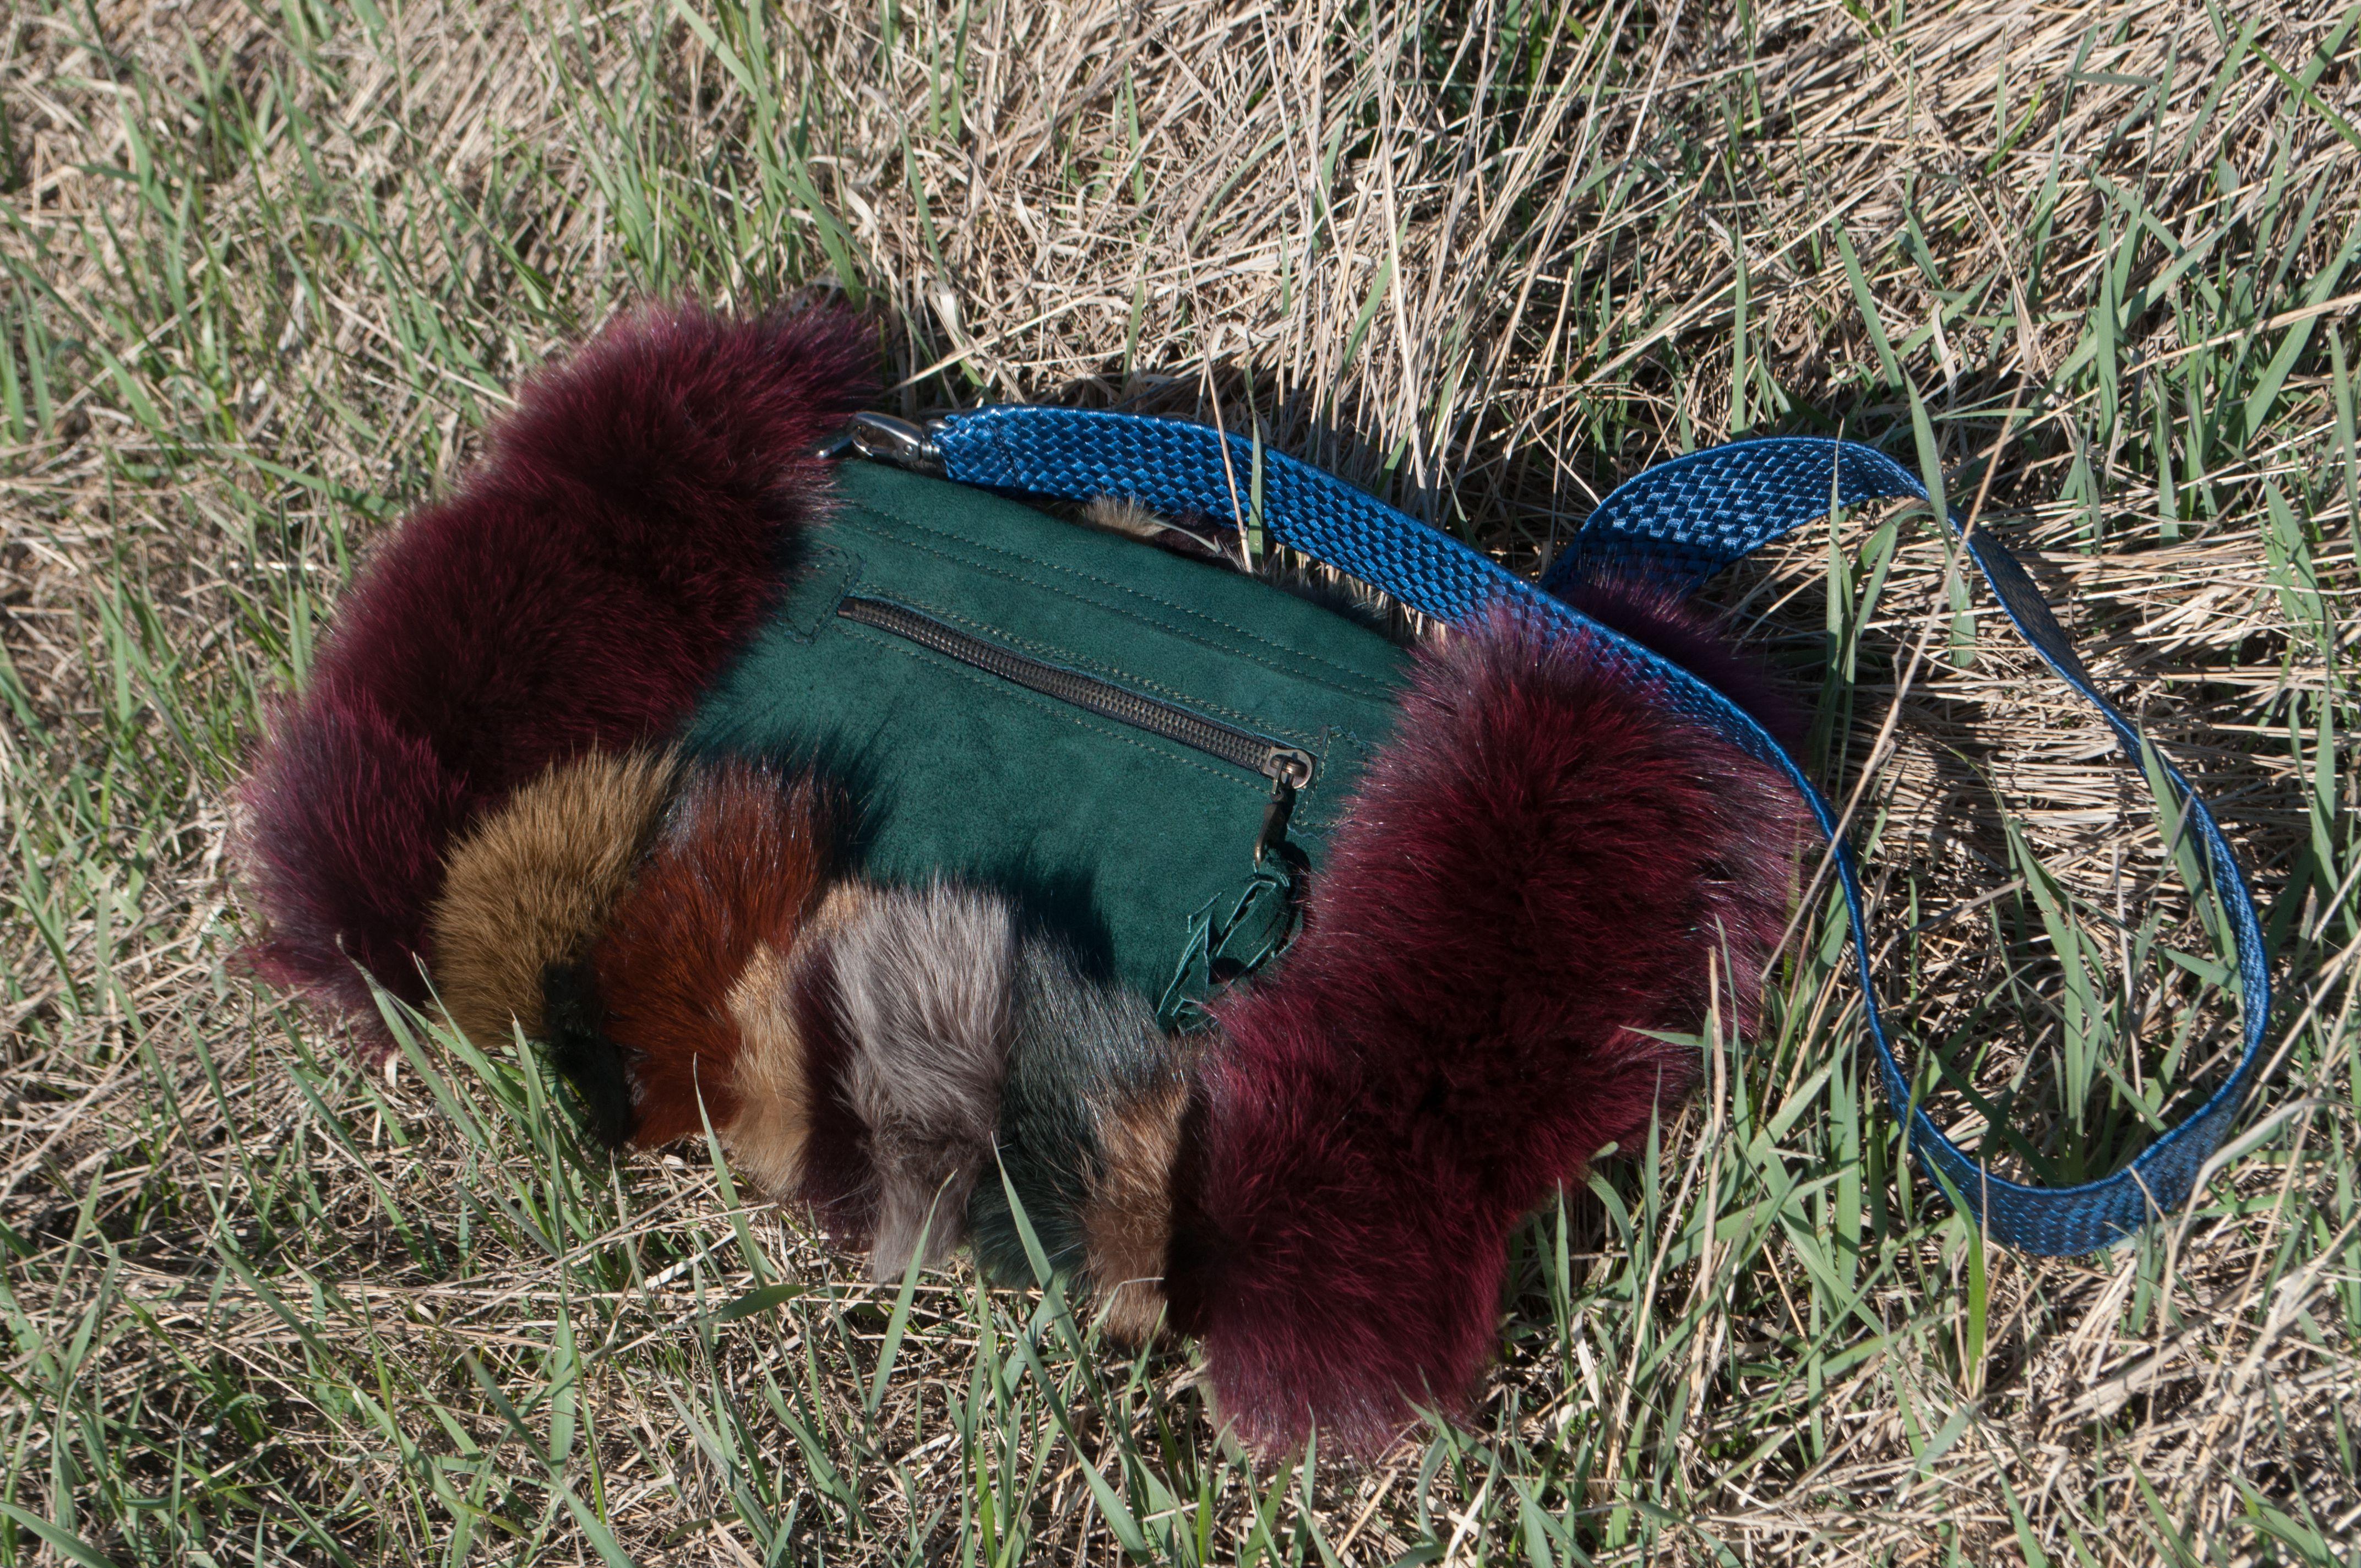 кожа кожаная мех муфта сумка натуральная натуральный эксклюзивная кожи меха меховая замша